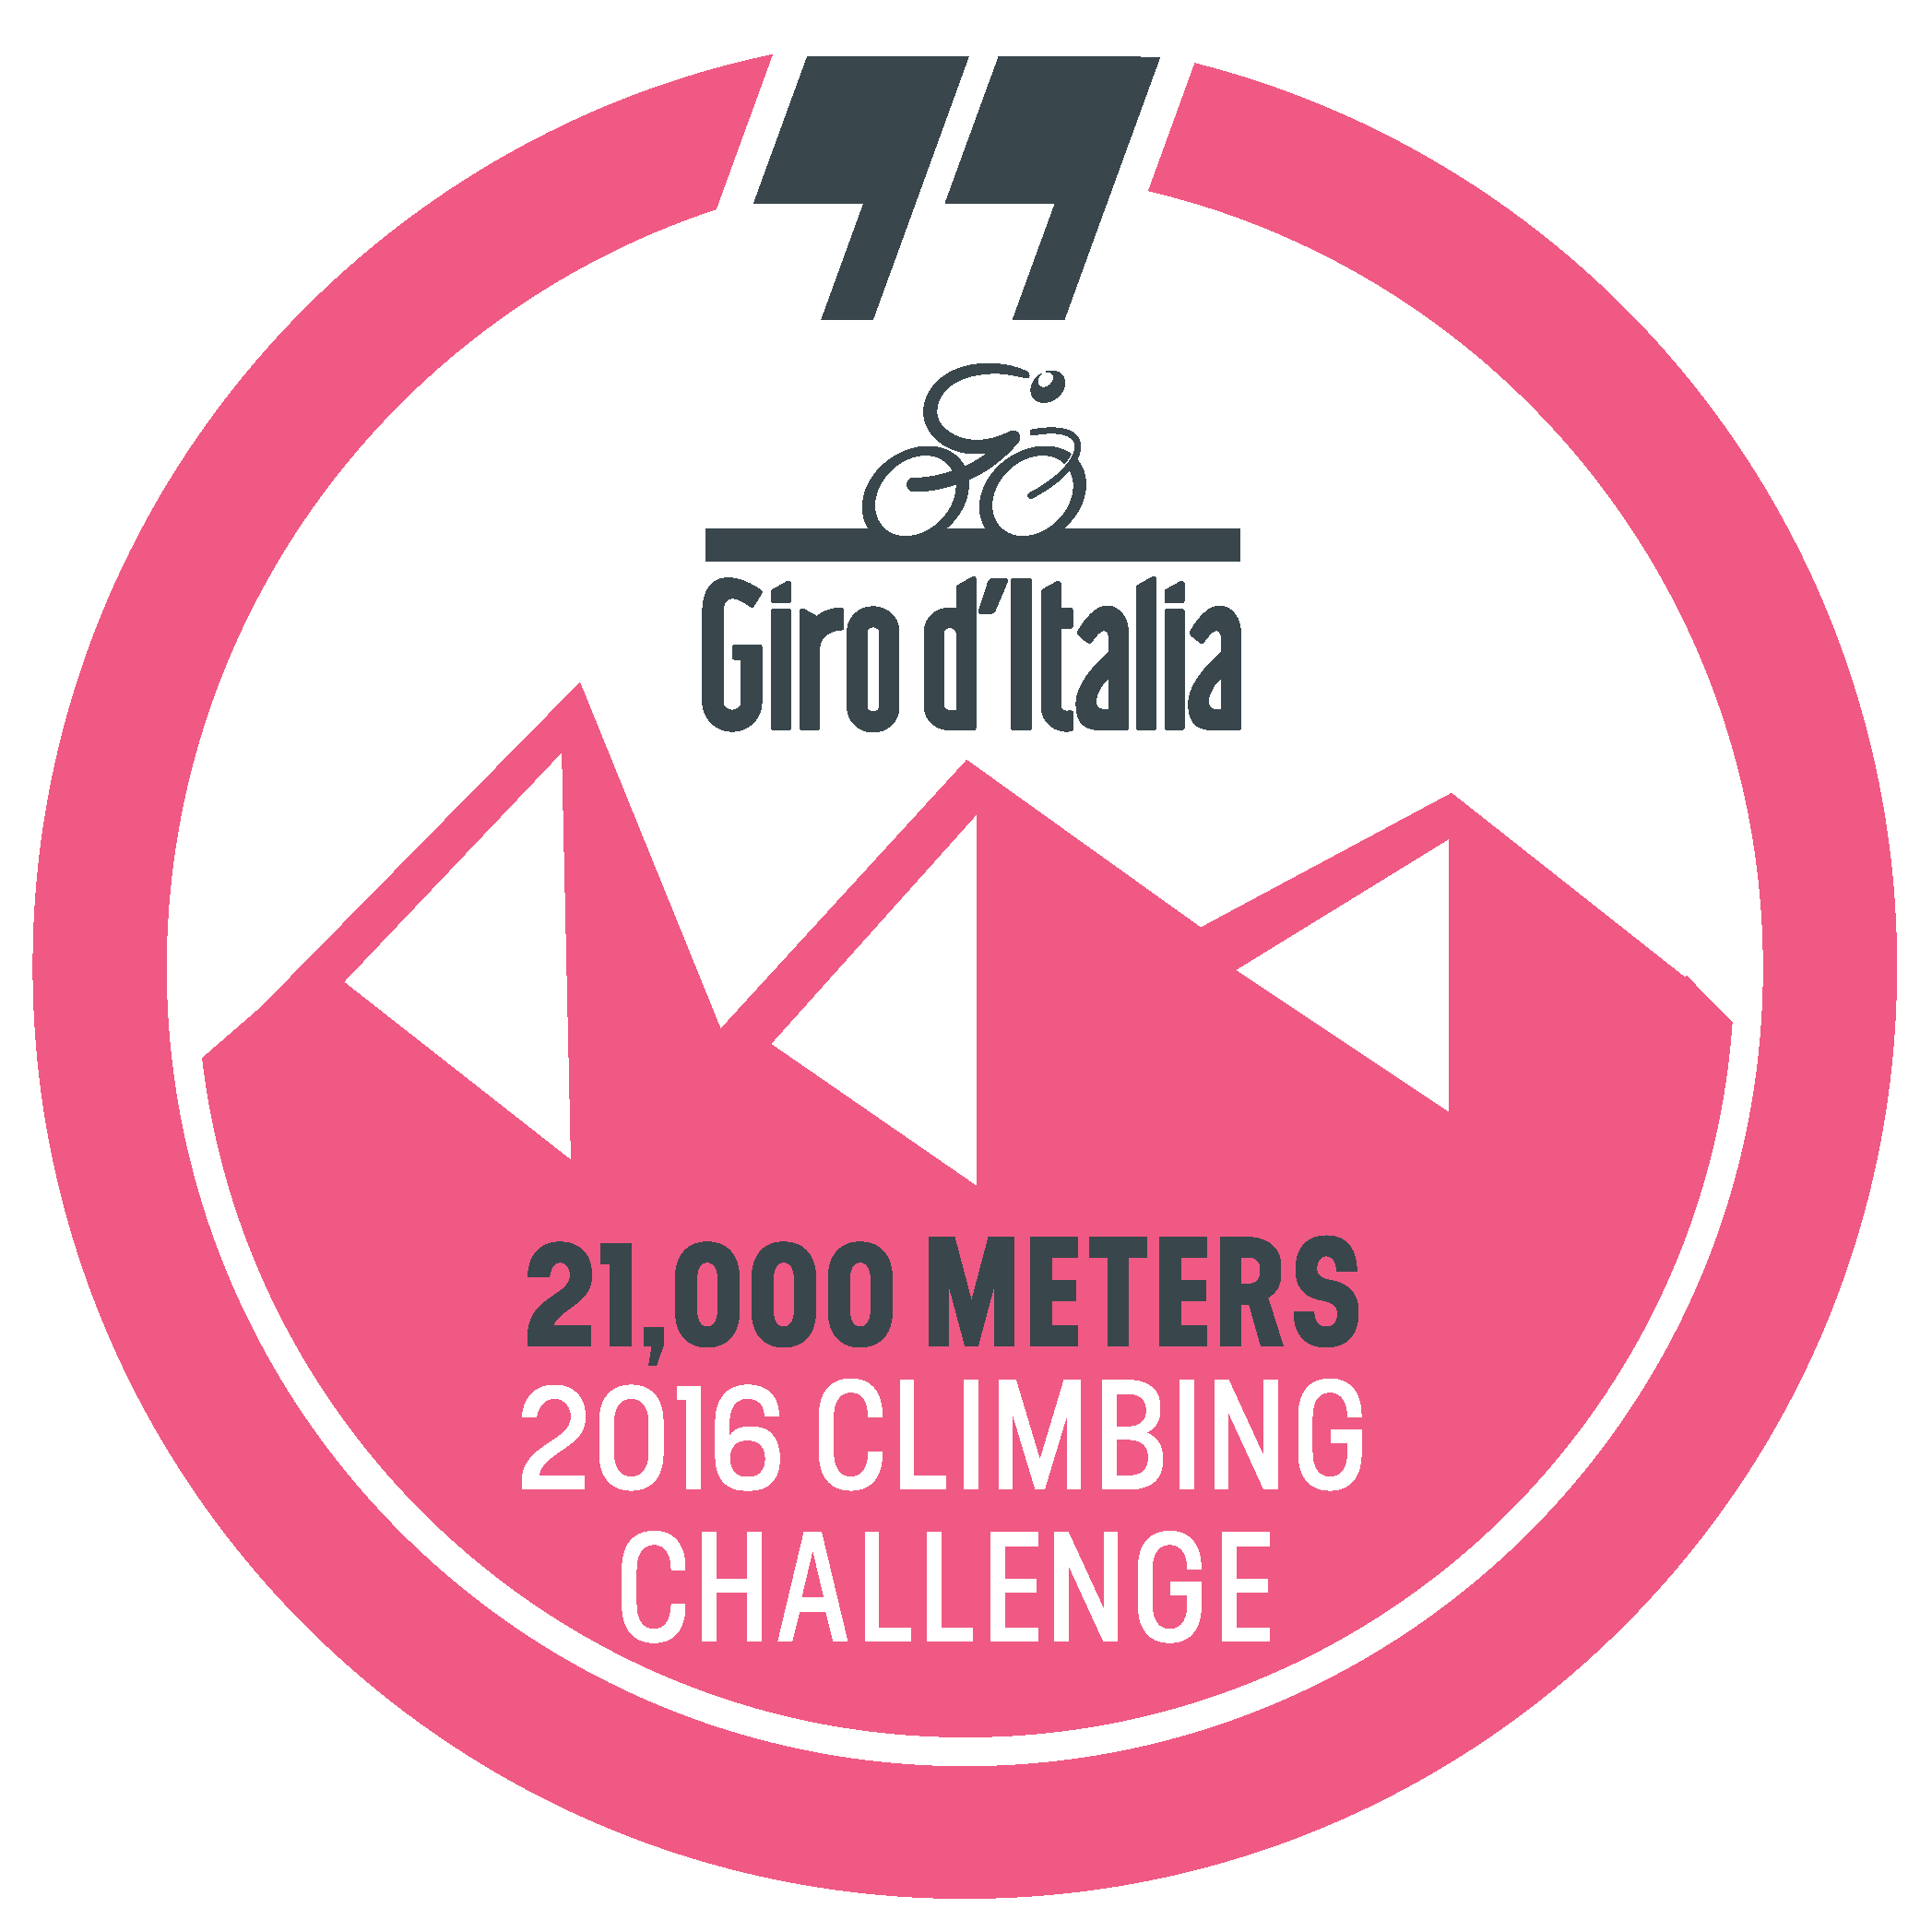 Giro d'Italia Climbing Challenge